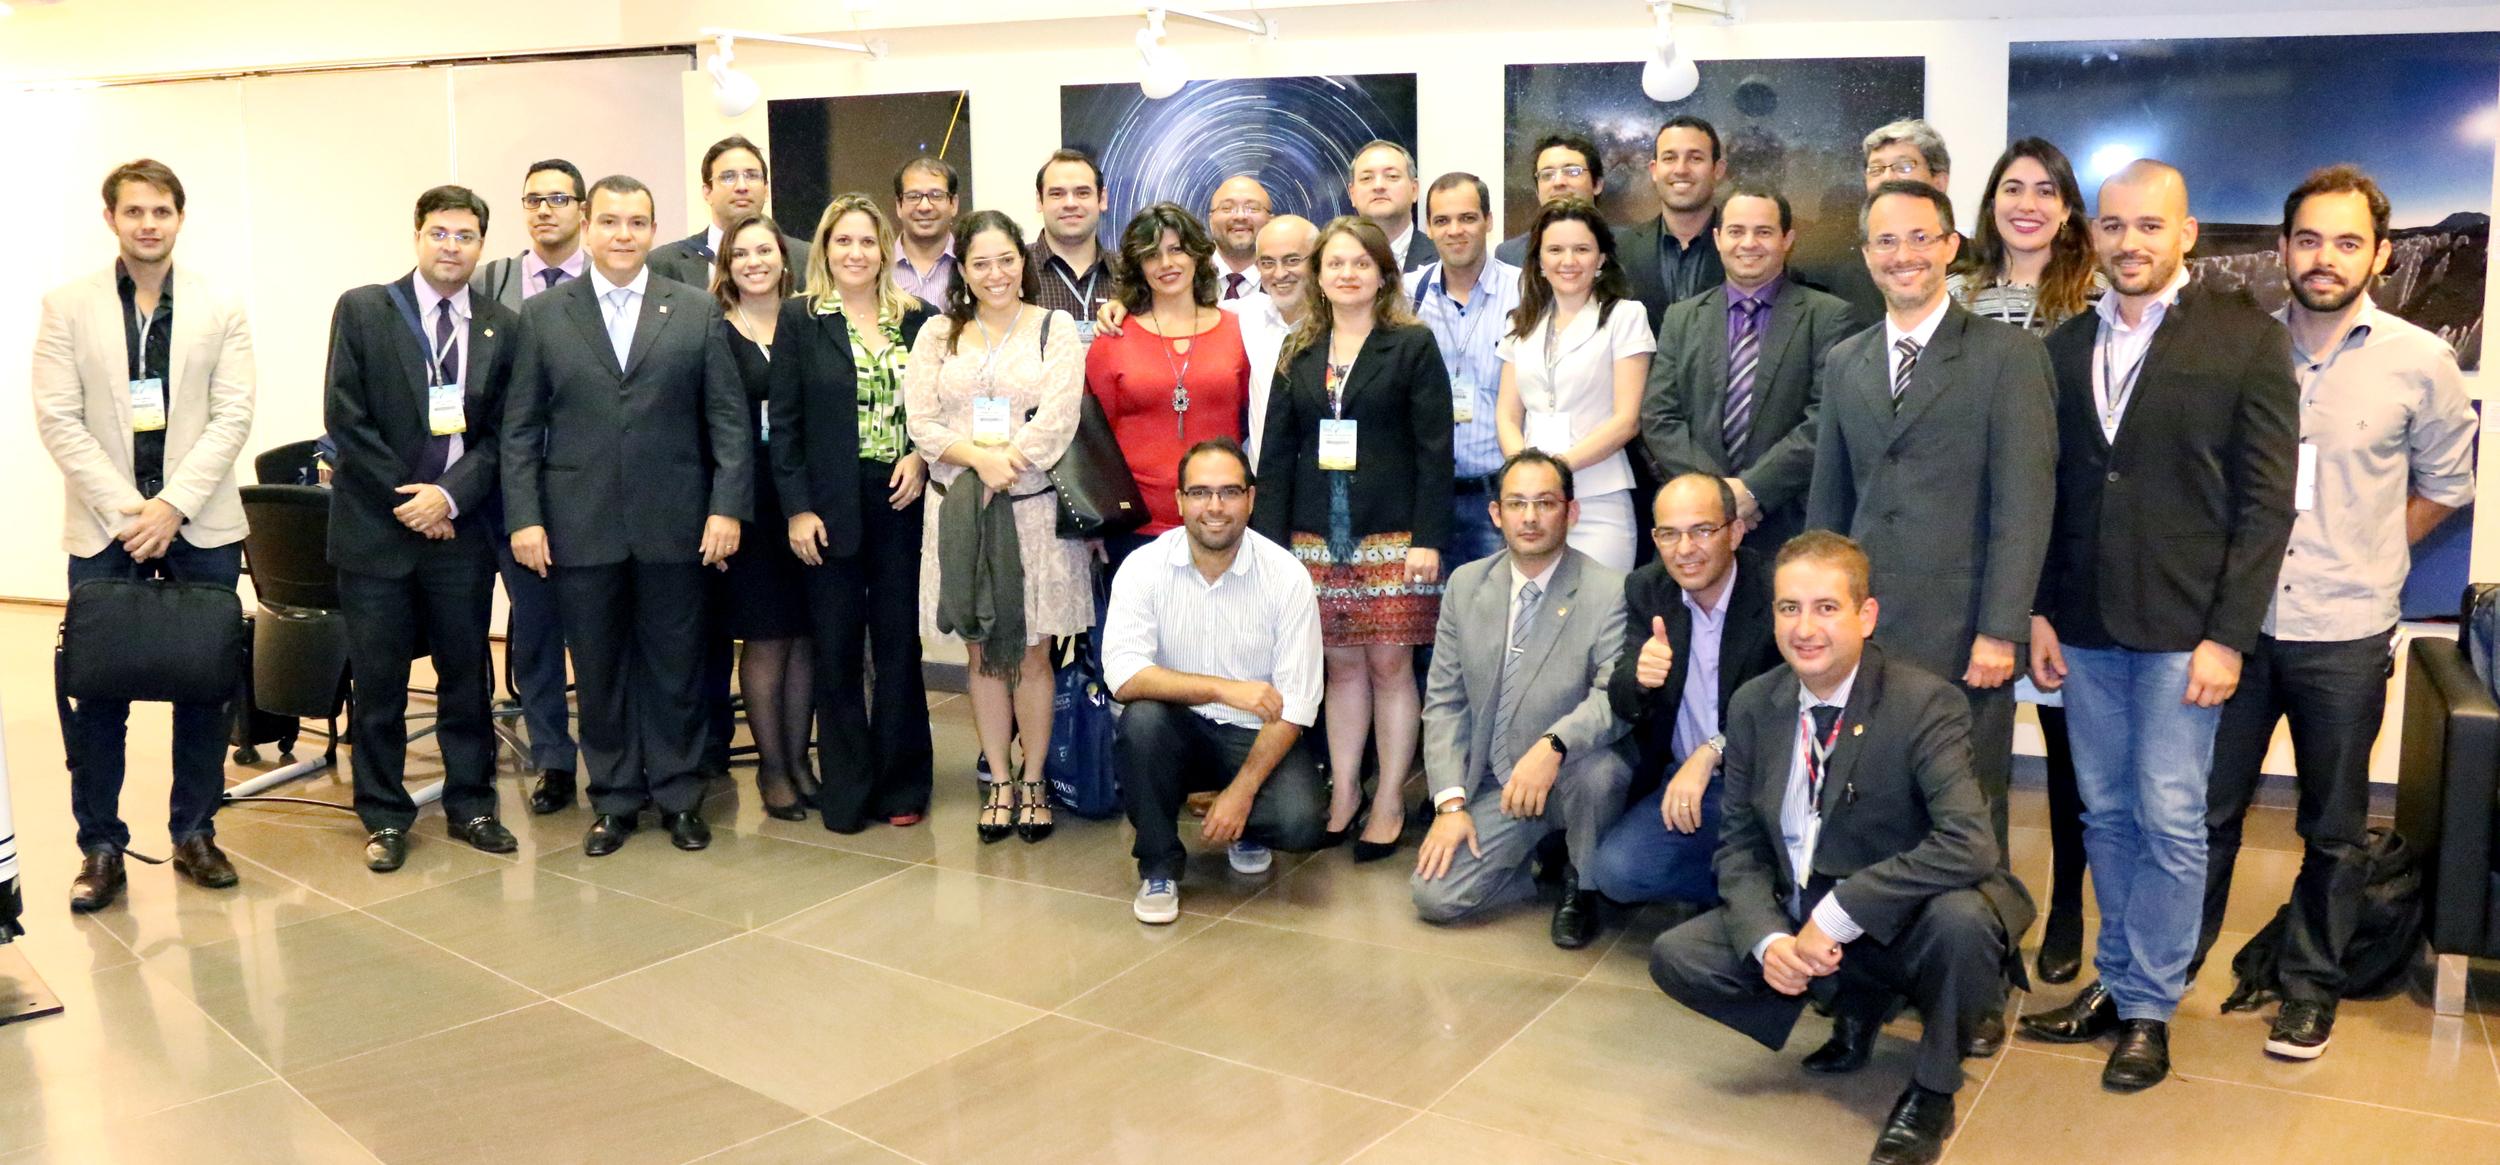 Entidades se reuniram no Planetário. Foto: Filipe Calmon / ANESP